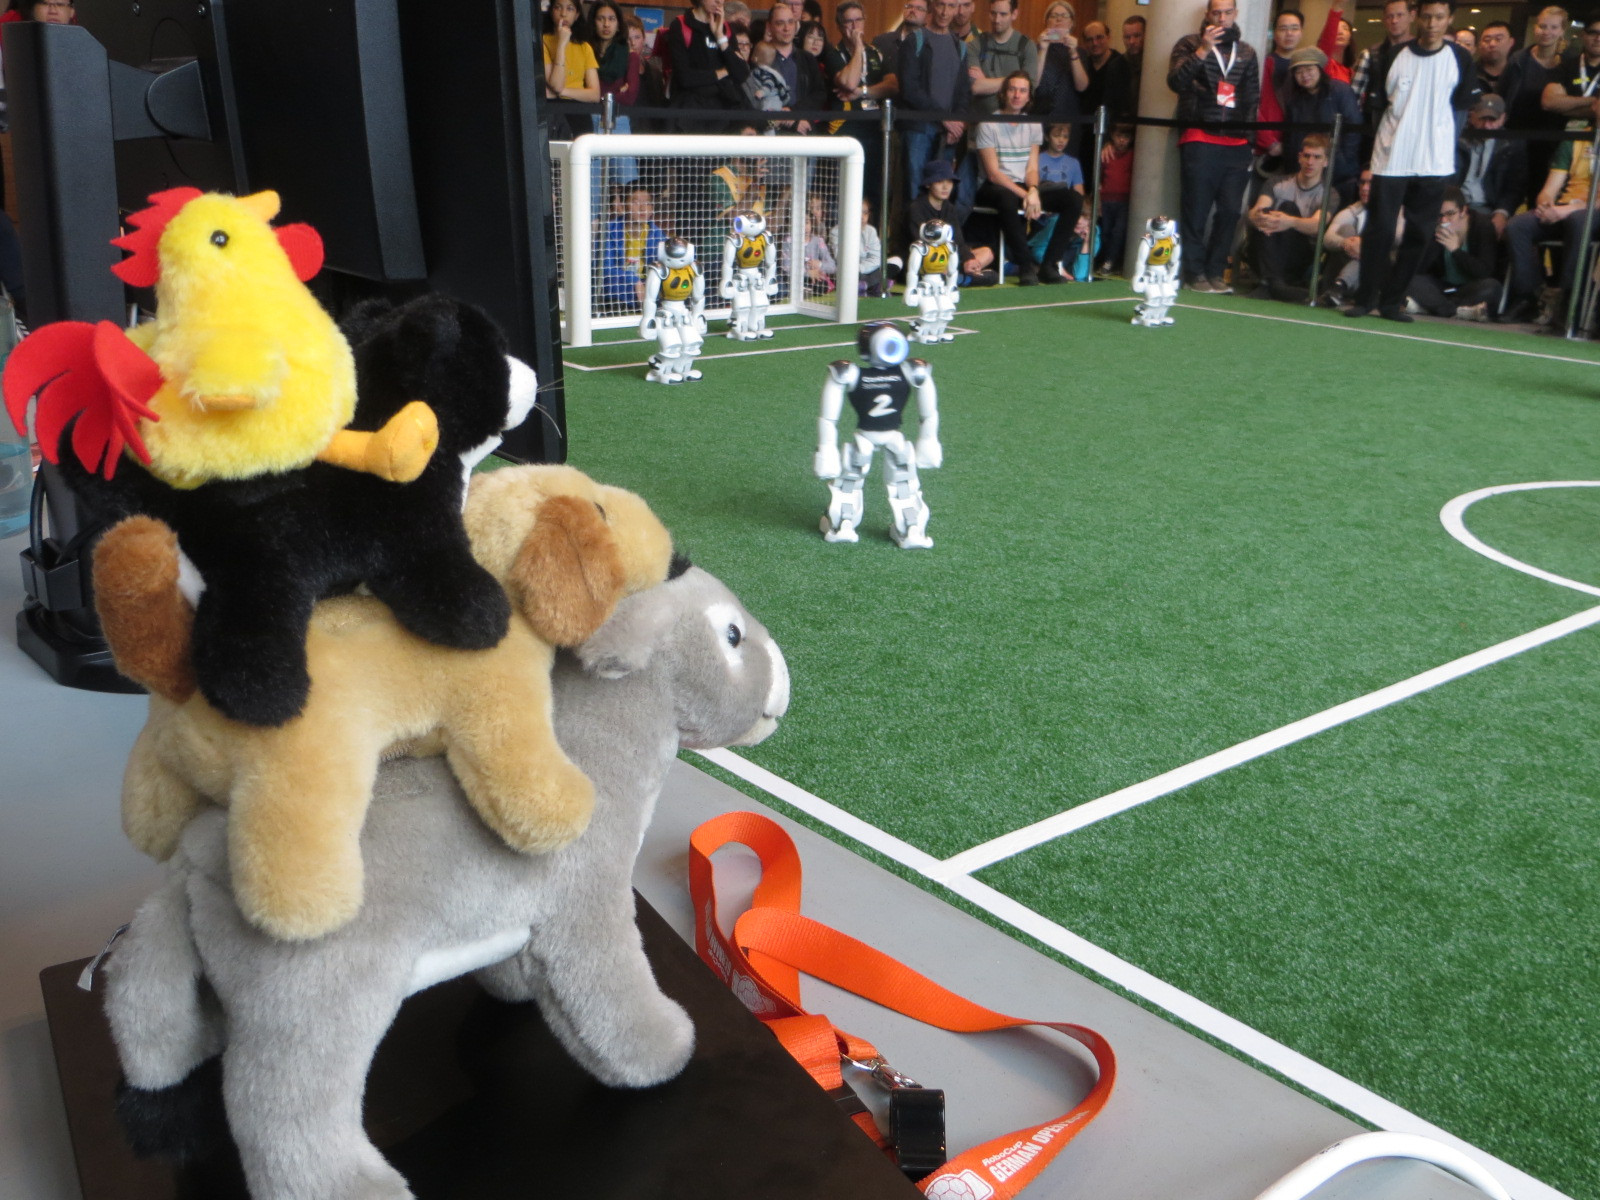 RoboCup-WM: Laufen und fallen auf dem Weg zum Weltmeistertitel 2050